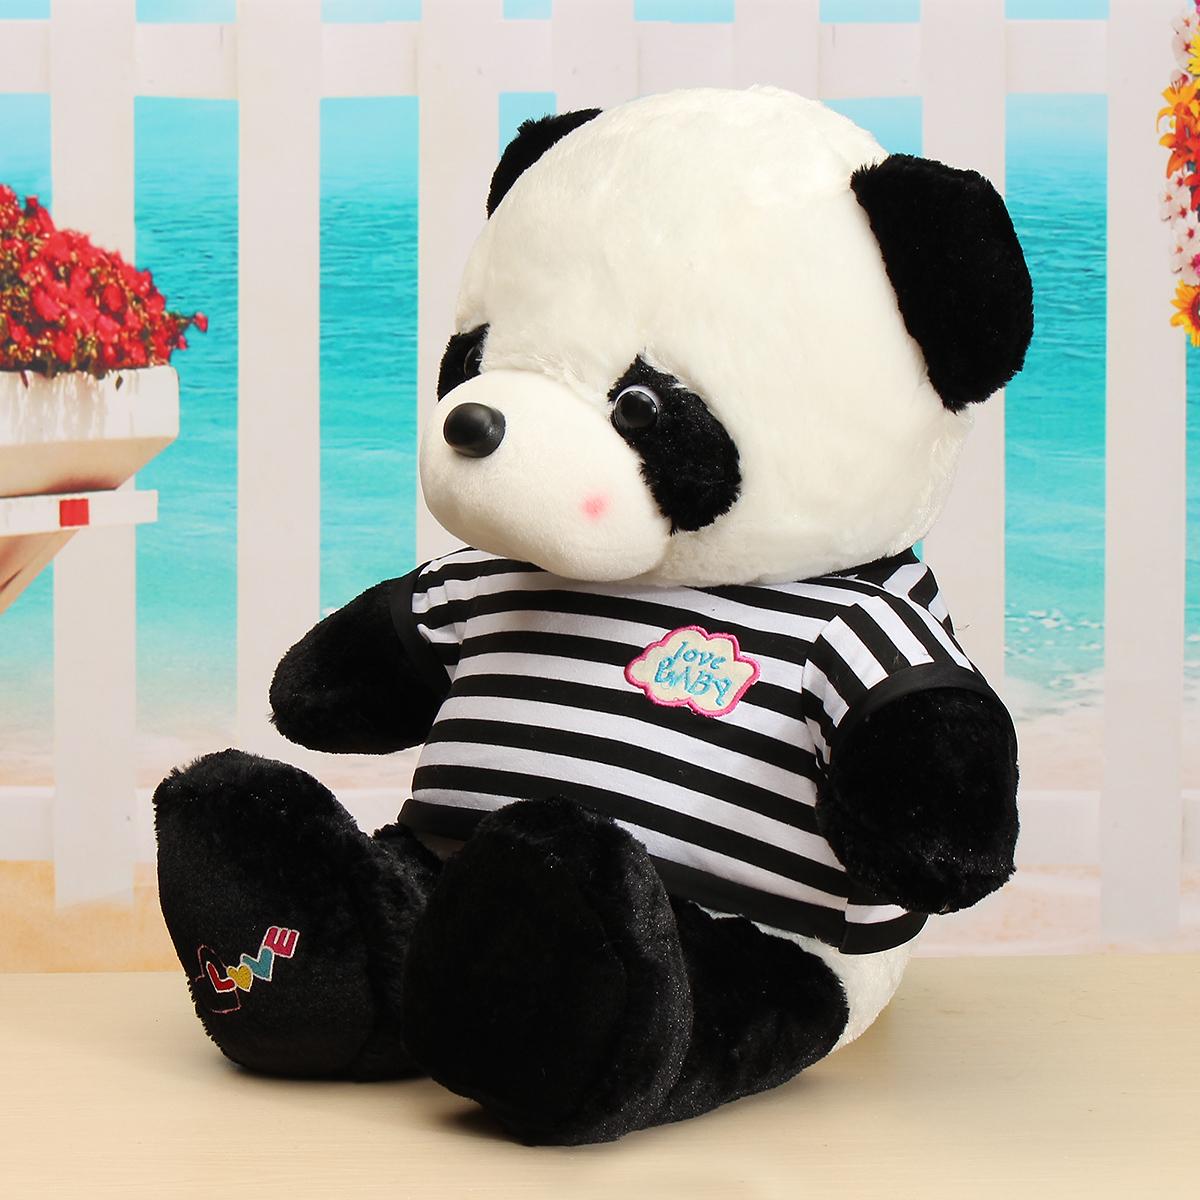 """80cm 32 Large Cute Plush Panda Doll Stuffed Animal Kids Soft Toy"""" - Photo: 3"""